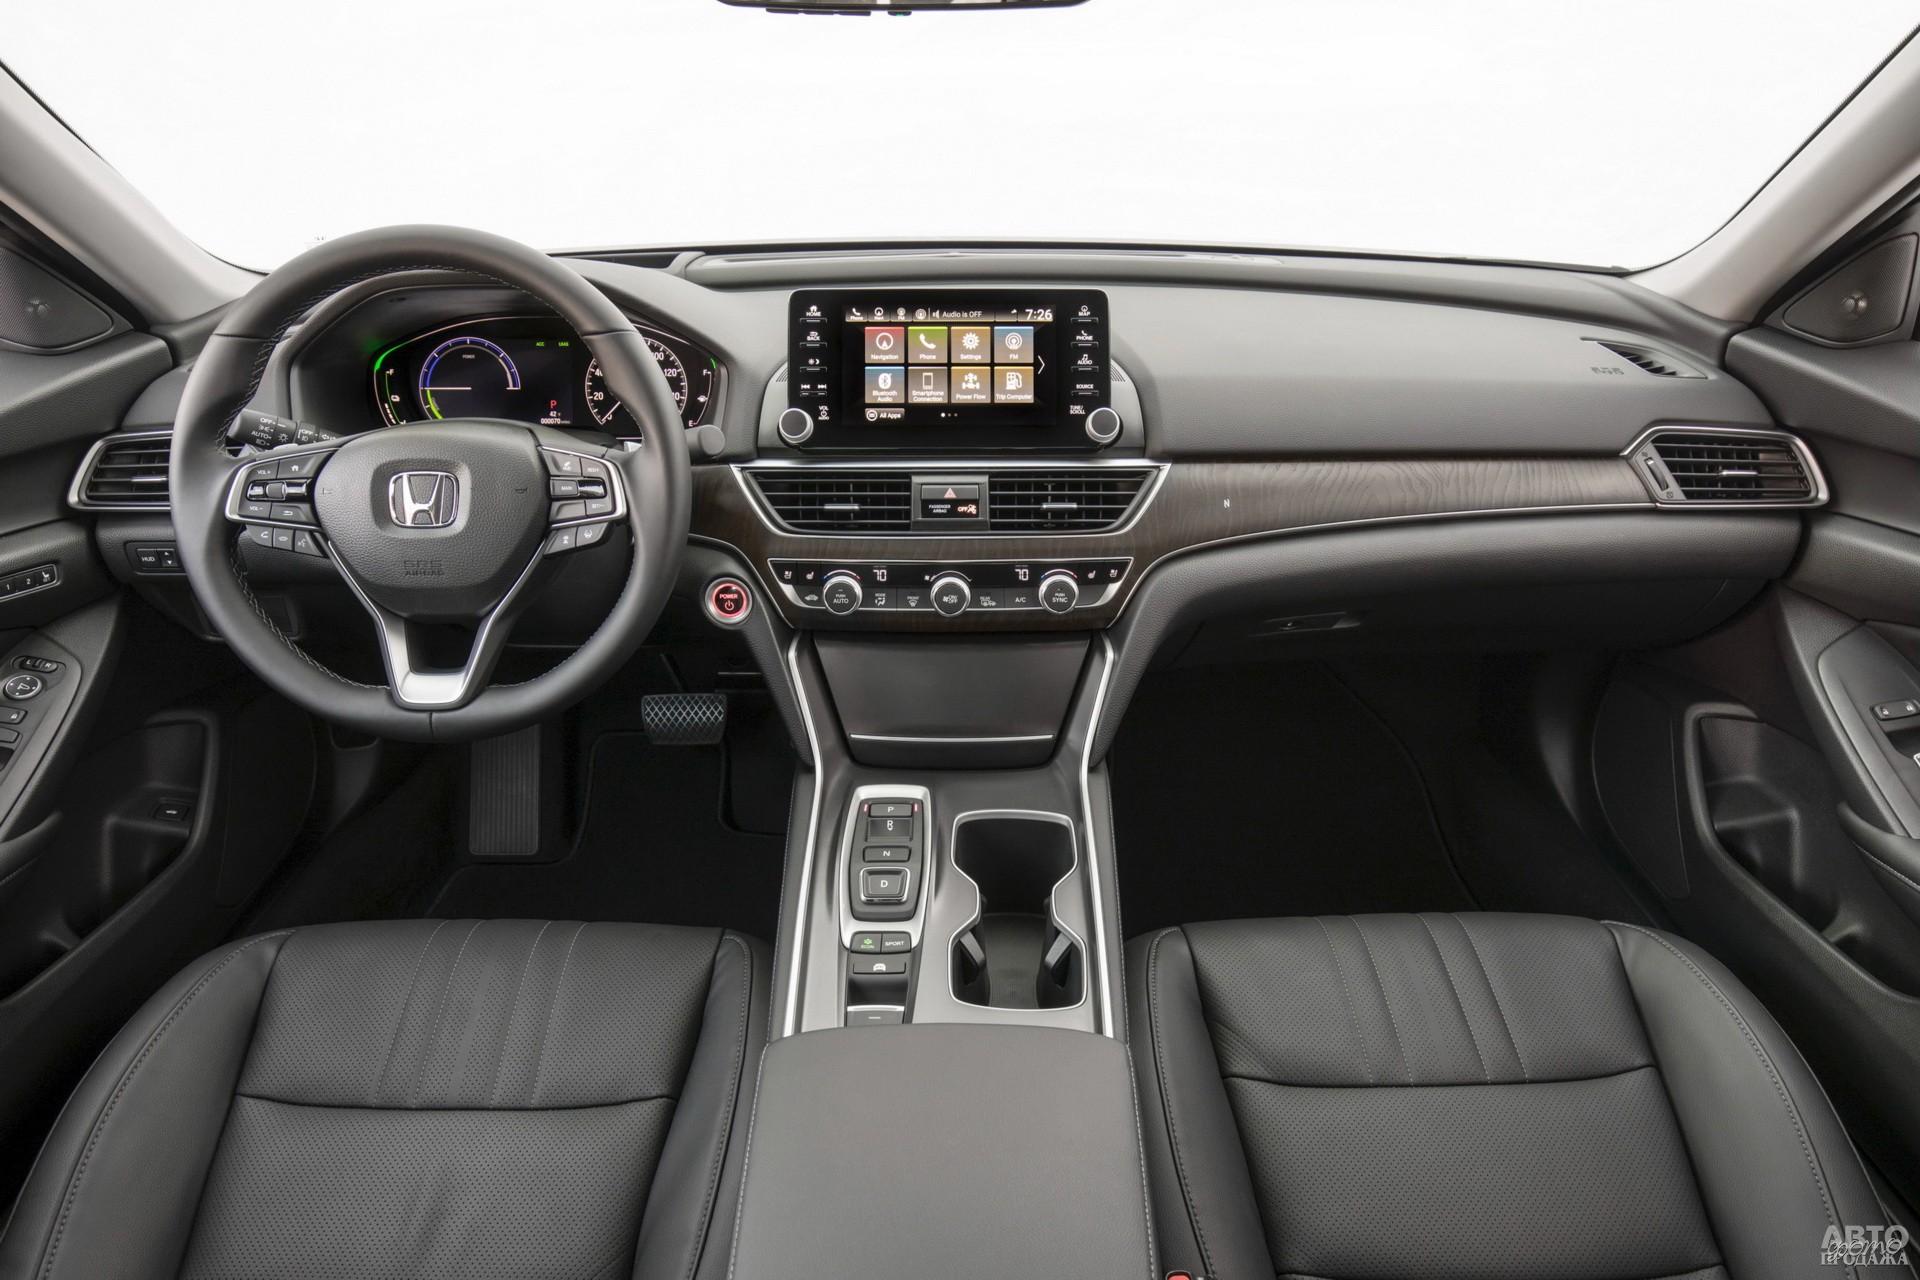 Вместо рычага трансмиссии у Honda кнопки